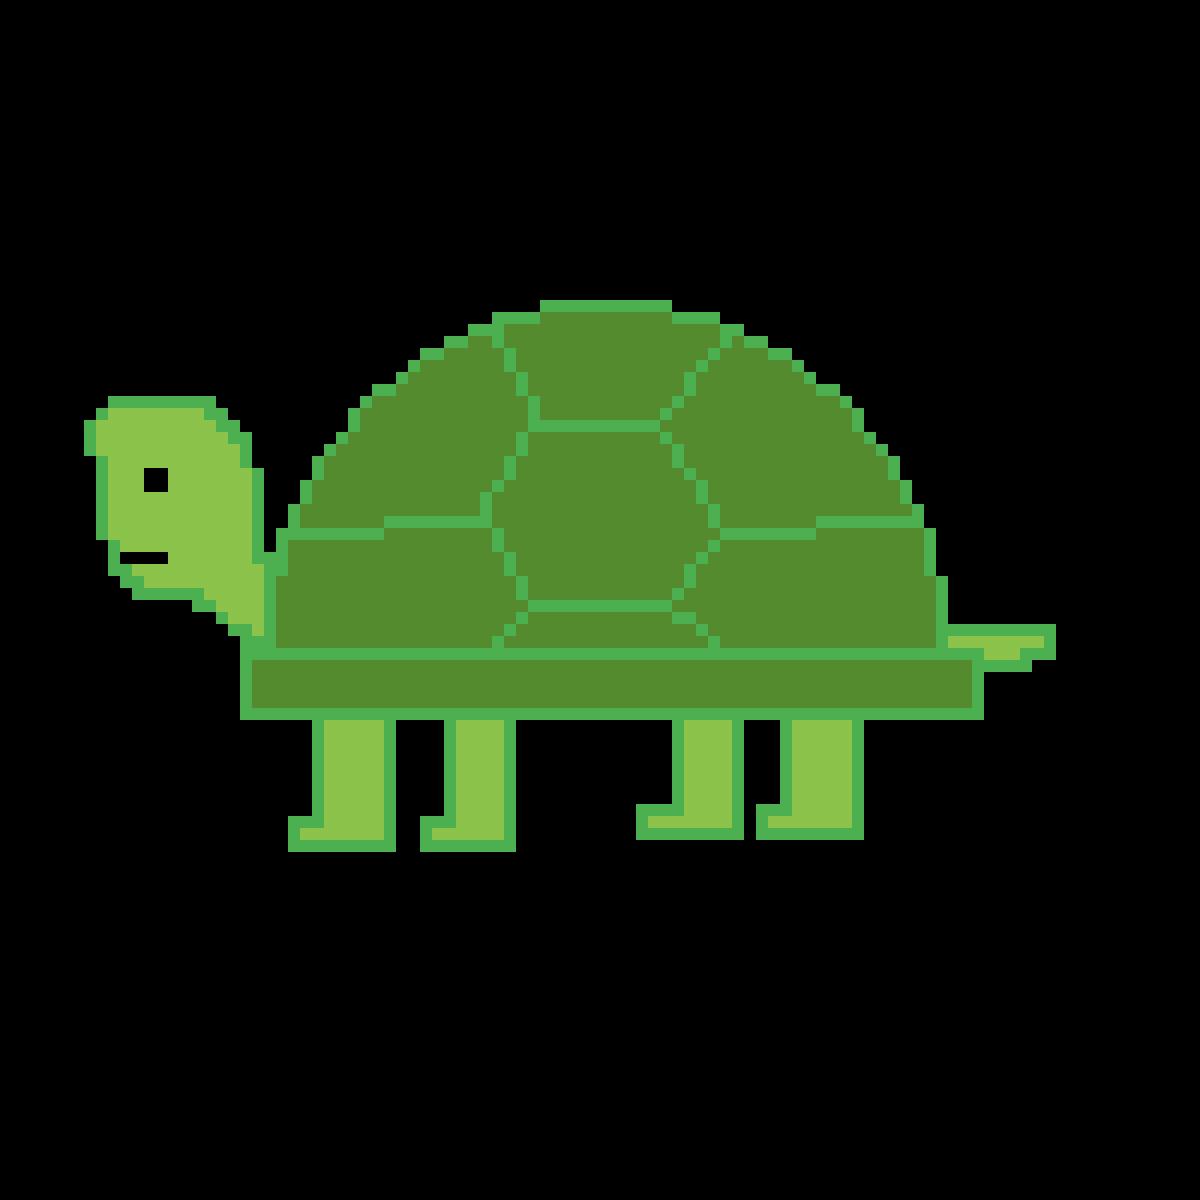 Slow as a turtle by Hacker617